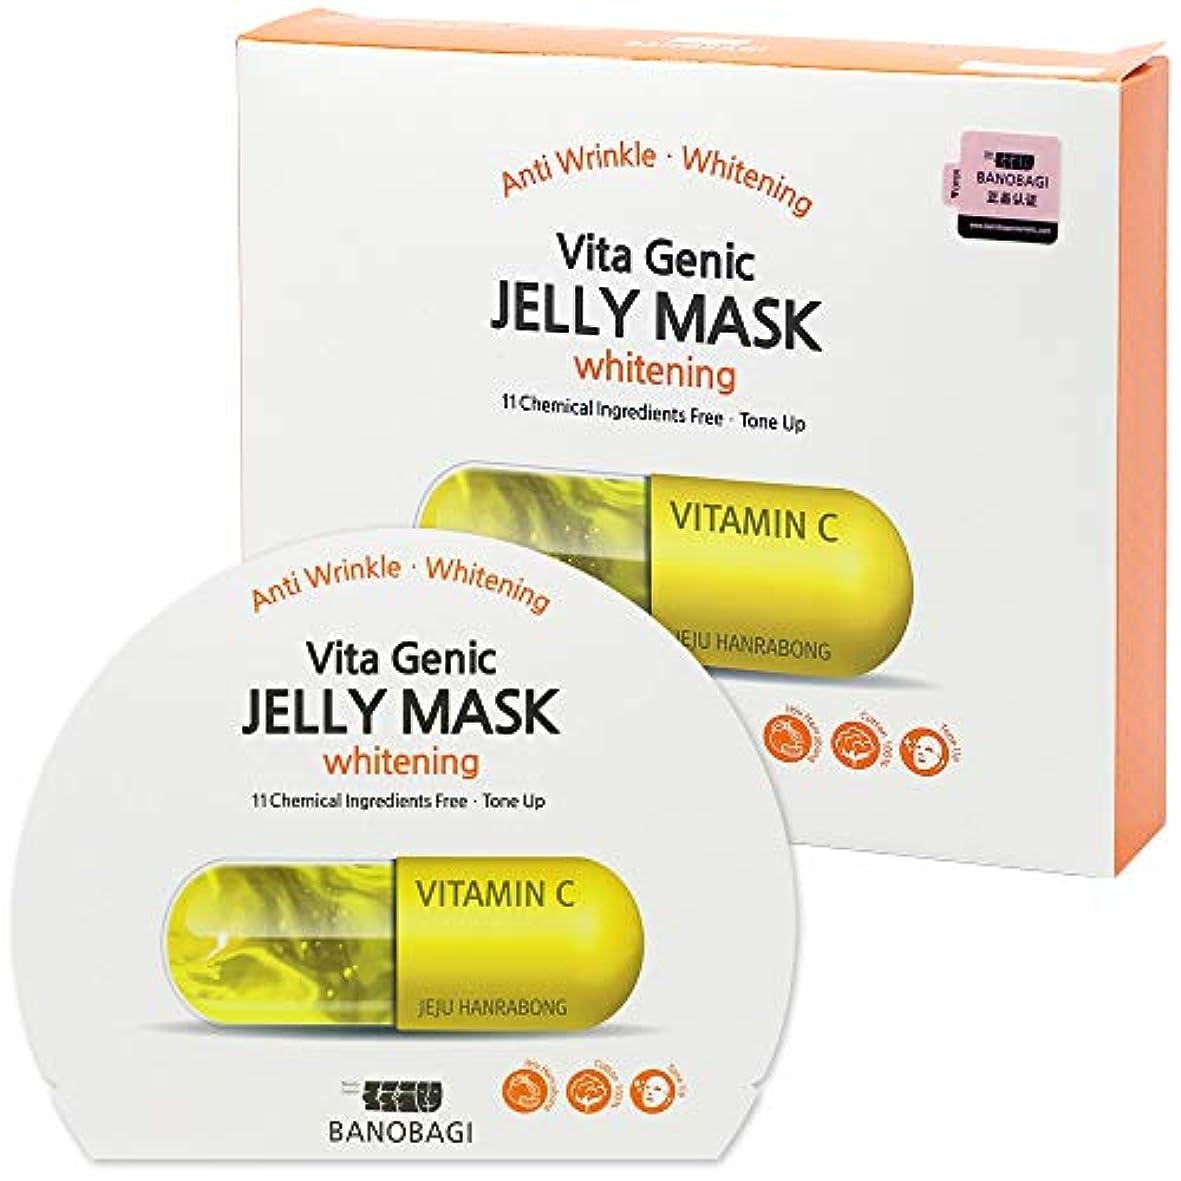 恐ろしい悲観主義者資本バナバギ[BANOBAGI] ヴィータジェニックゼリーマスク★ホワイトニング(黄色)30mlx10P / Vita Genic Jelly Mask (Whitening-Yellow)